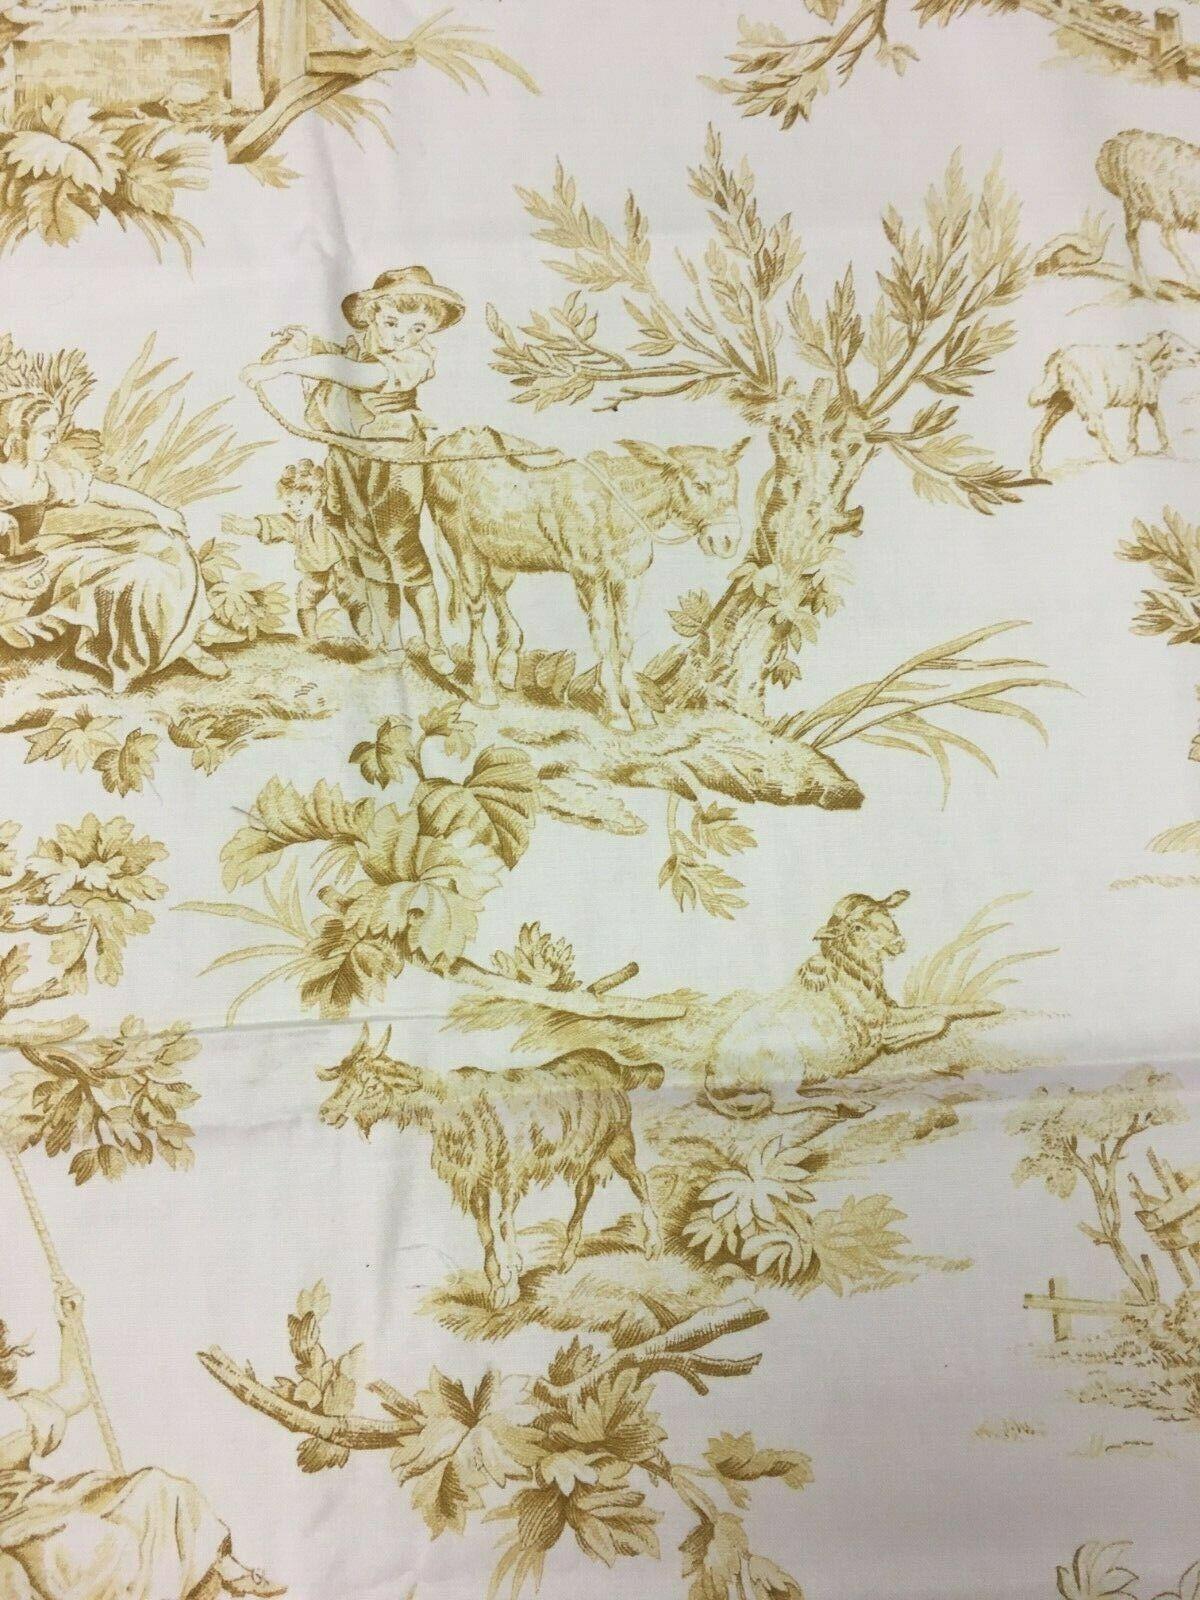 Spectrum Multi-Purpose Fabric Gold Pastoral Toile 1.875 yds